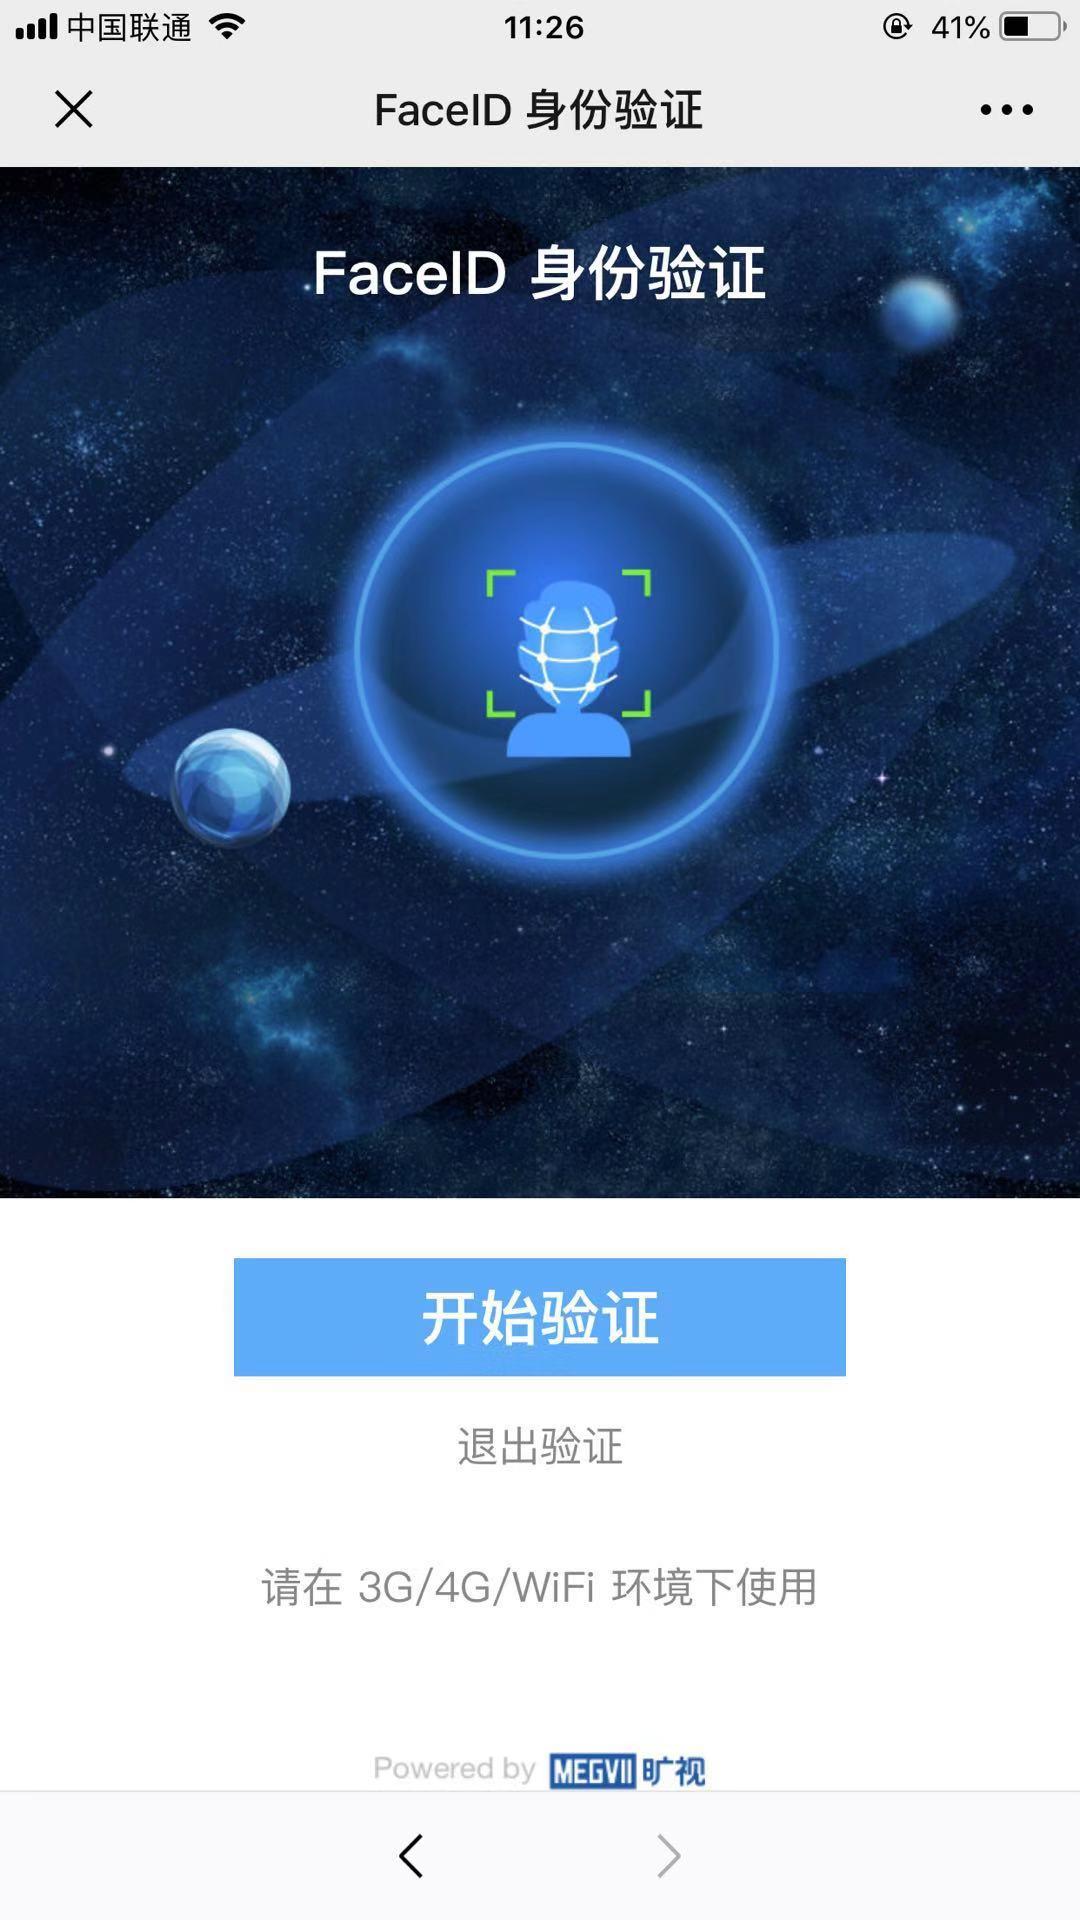 安逸花APP推广,日结CPA副业项目3